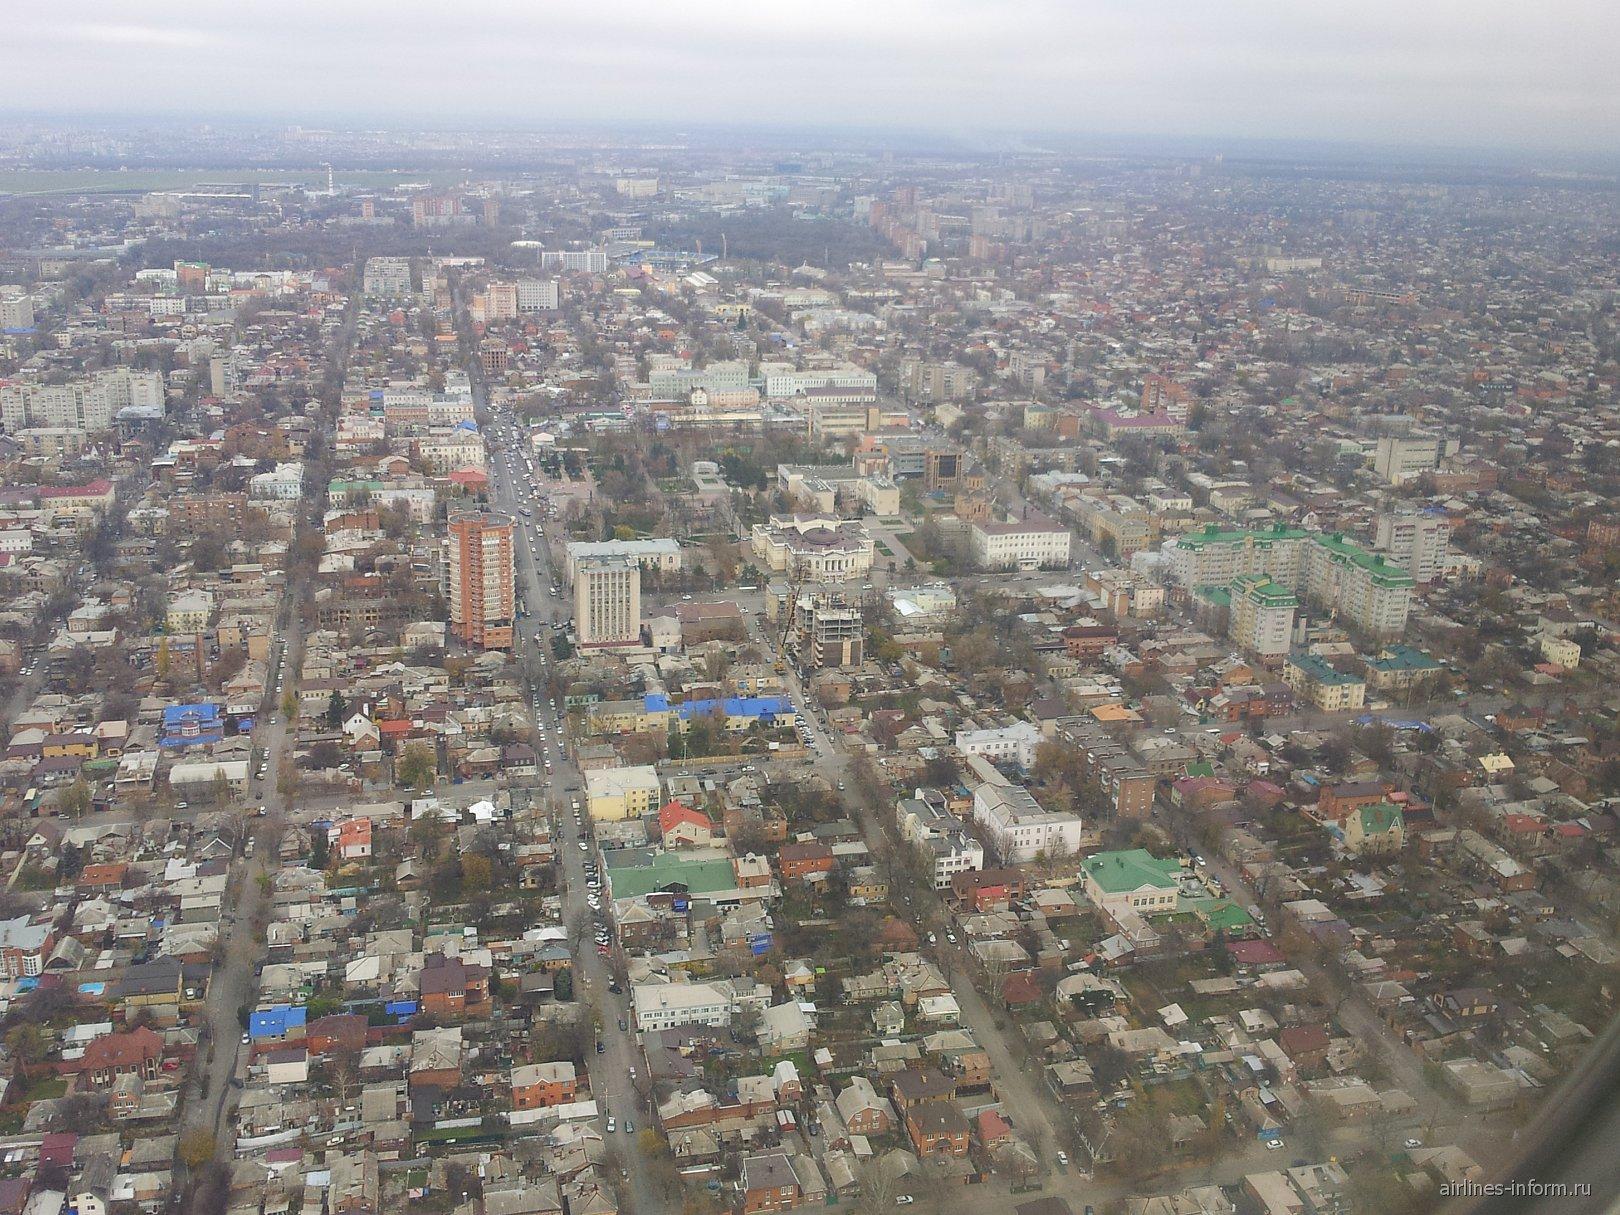 Вид на Ростов-на-Дону перед посадкой